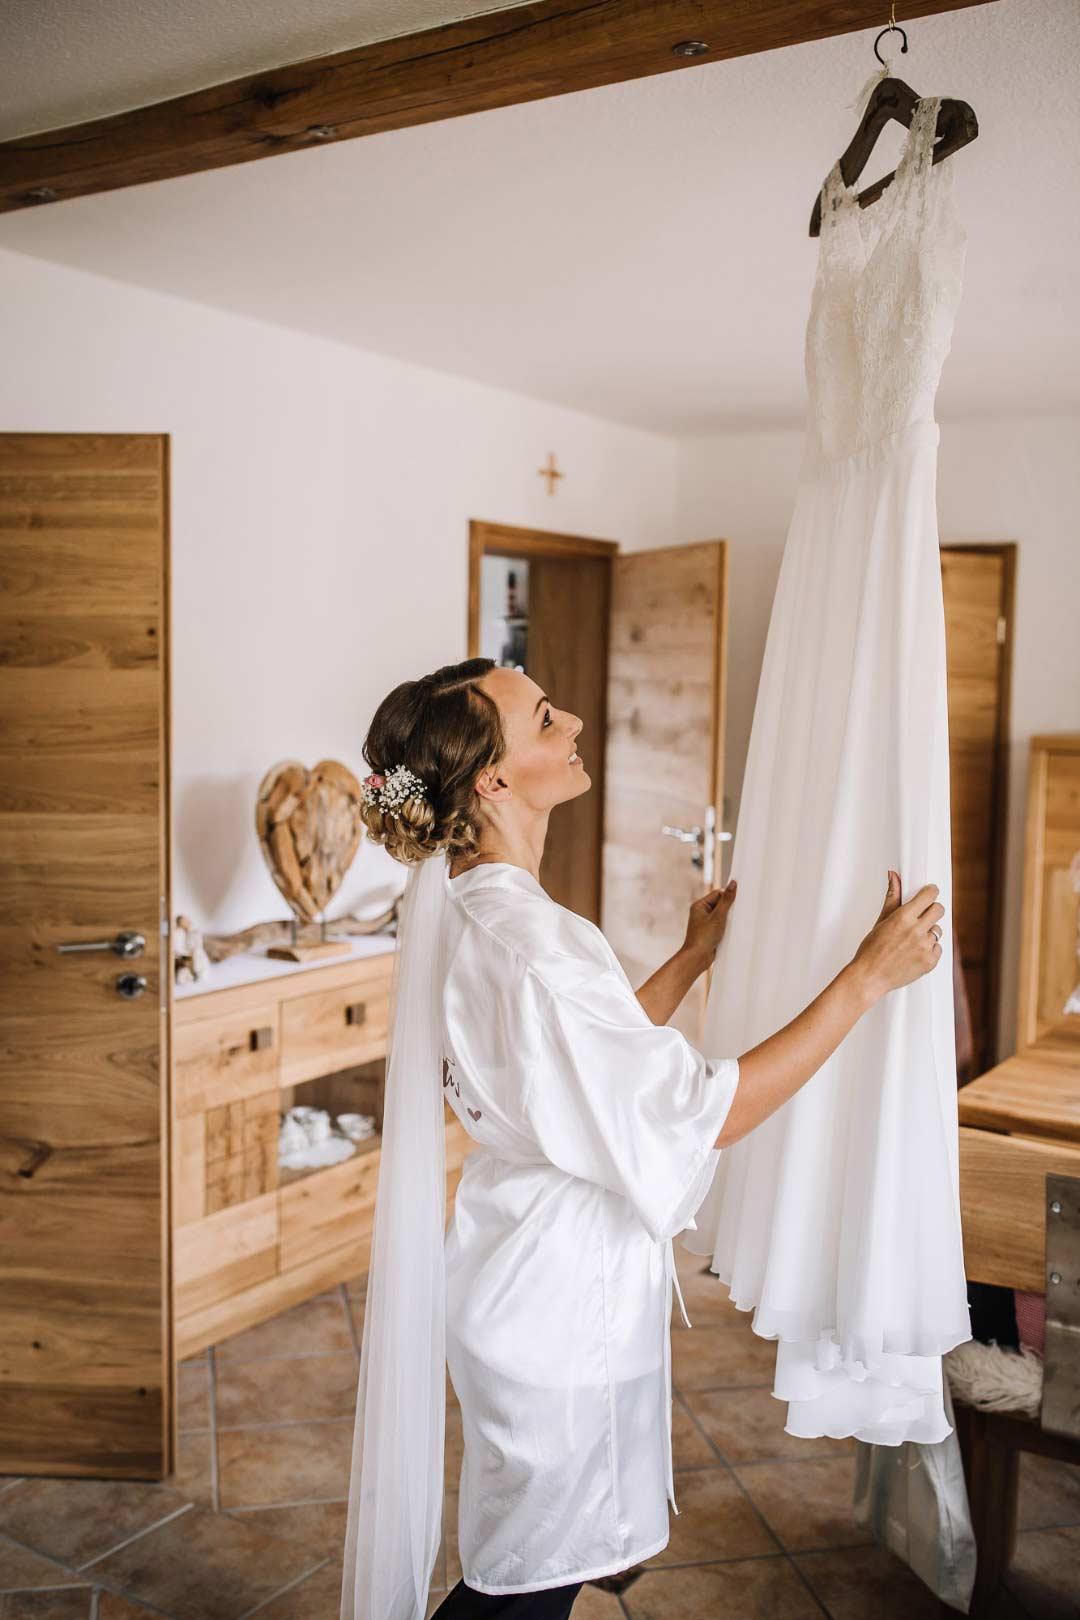 Ländliche Sommer-Hochzeit im rustikalen Stil: Die Braut, bevor sie ihr Brautkleid anzieht